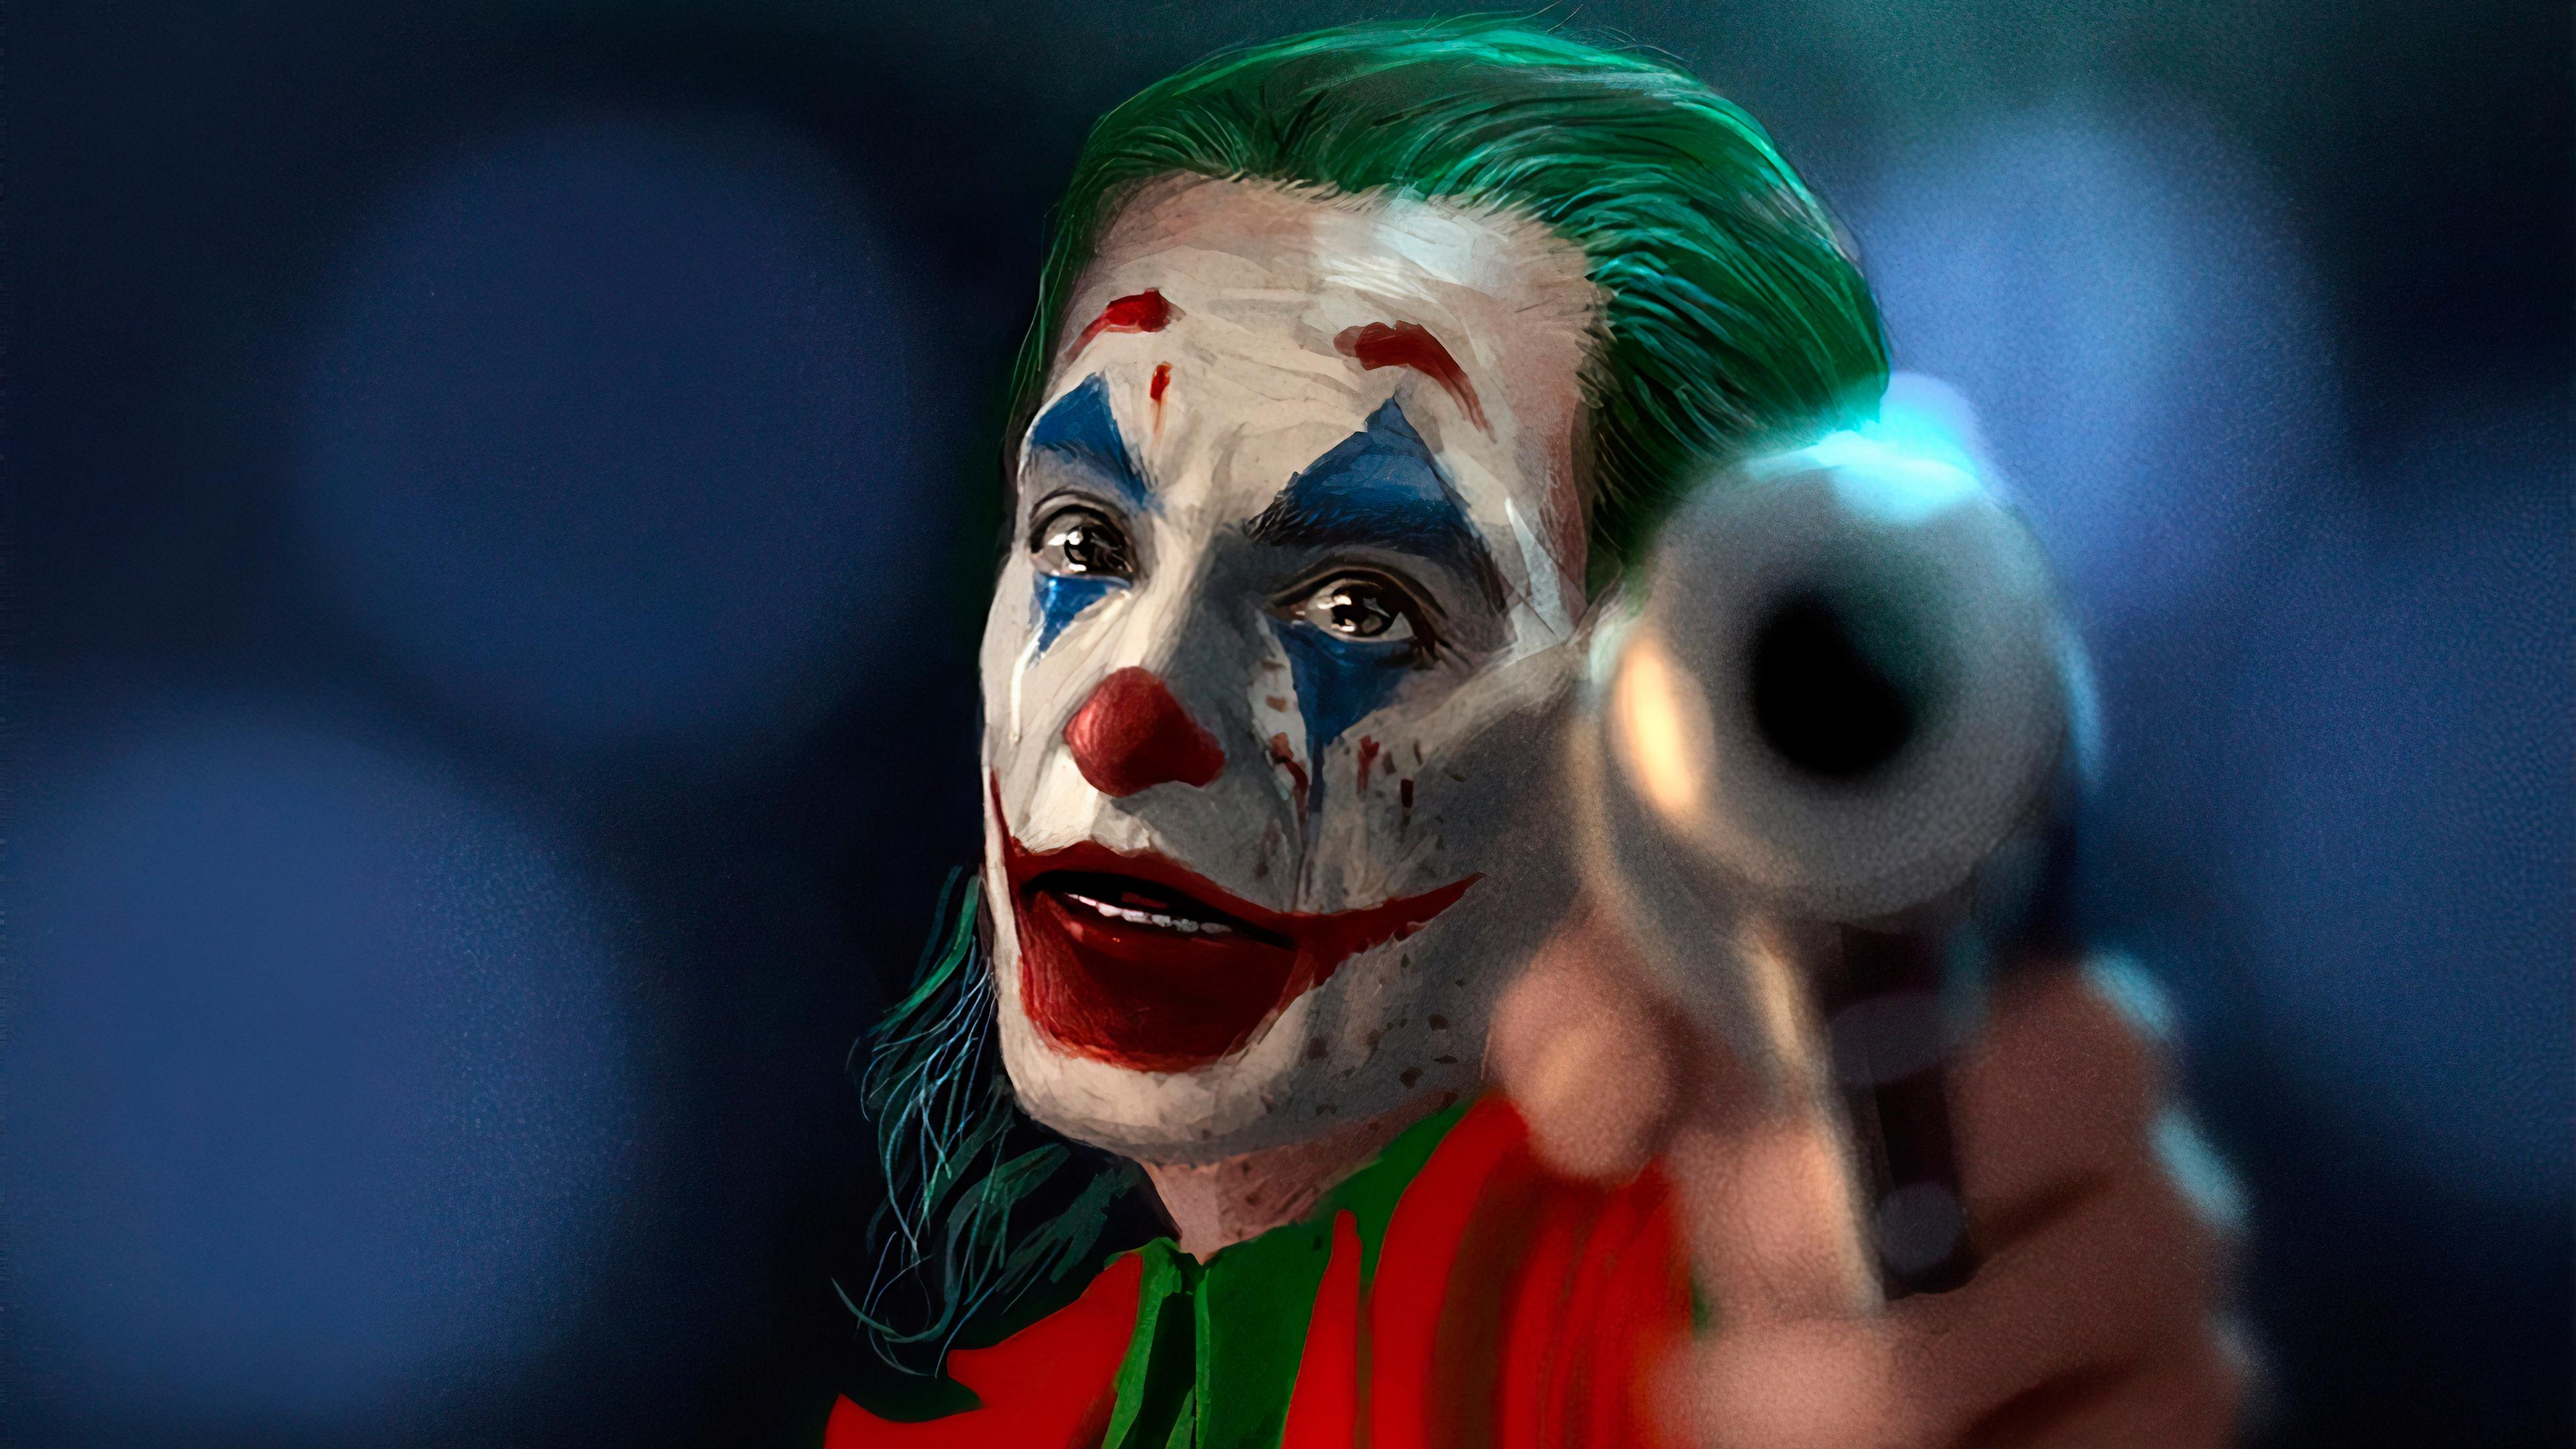 joker with gun 1572368610 - Joker With Gun - supervillain wallpapers, superheroes wallpapers, joker wallpapers, joker movie wallpapers, hd-wallpapers, 4k-wallpapers